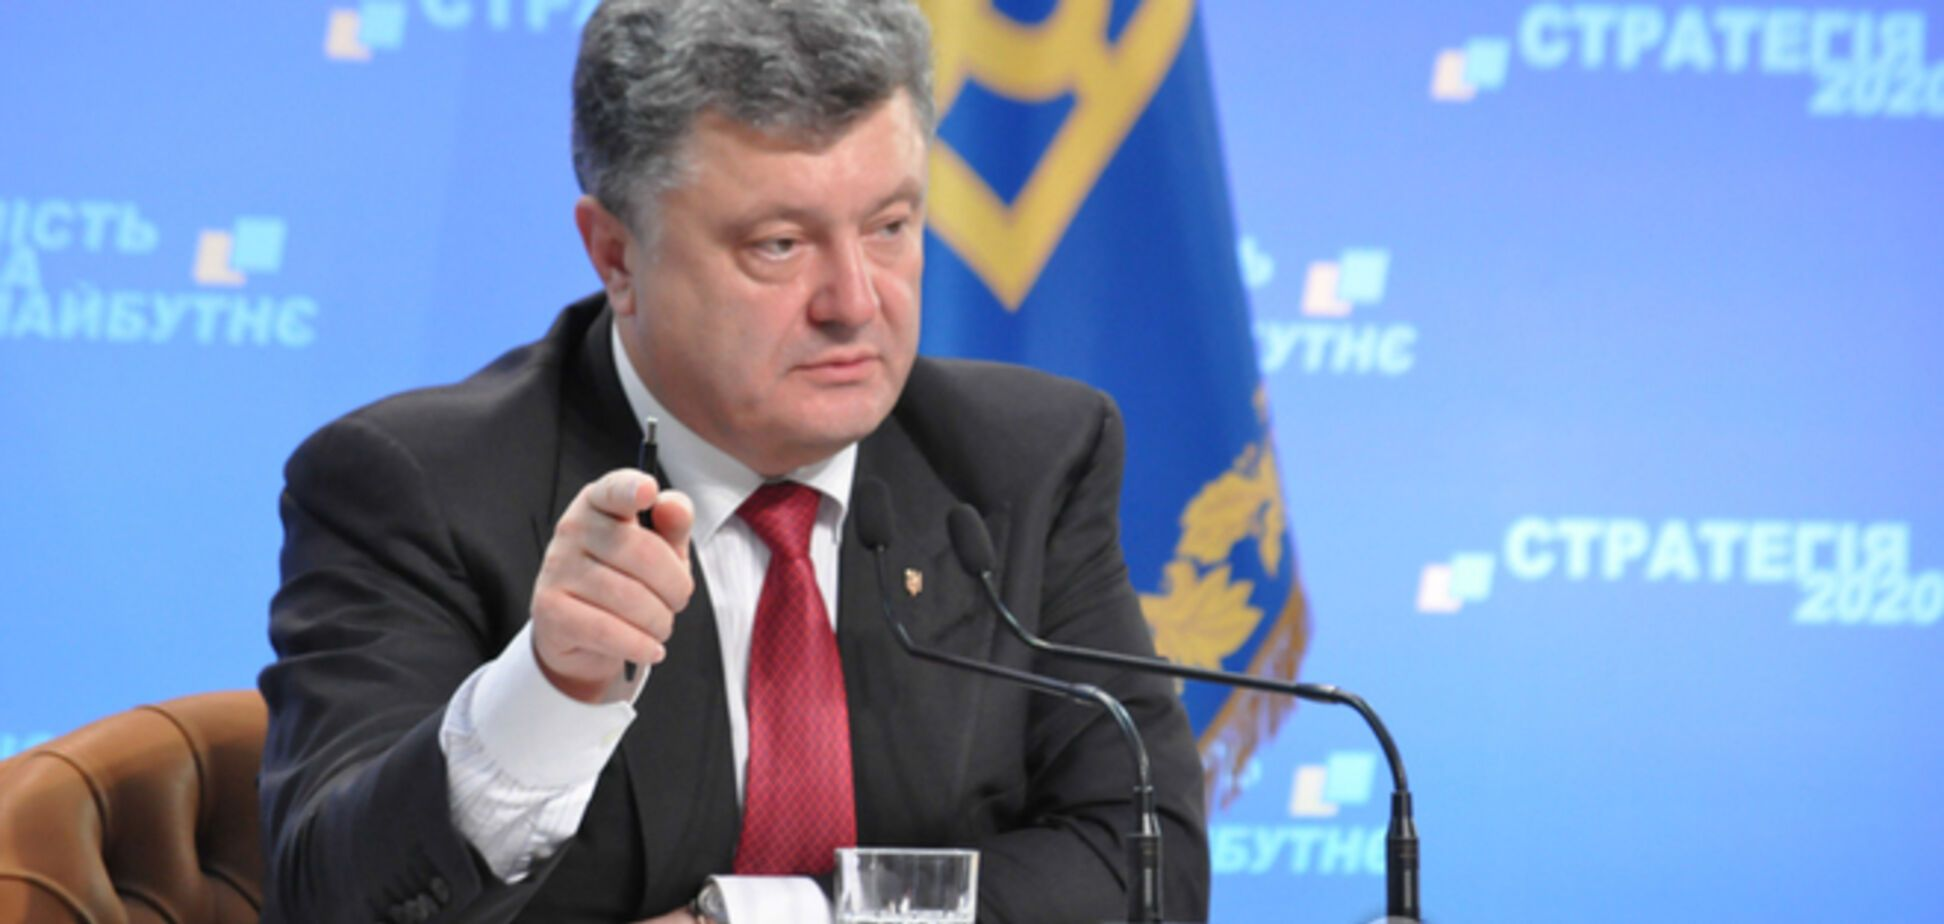 Порошенко розповів про мир, війну та те, як буде жити Україна: головні заяви з прес-конференції